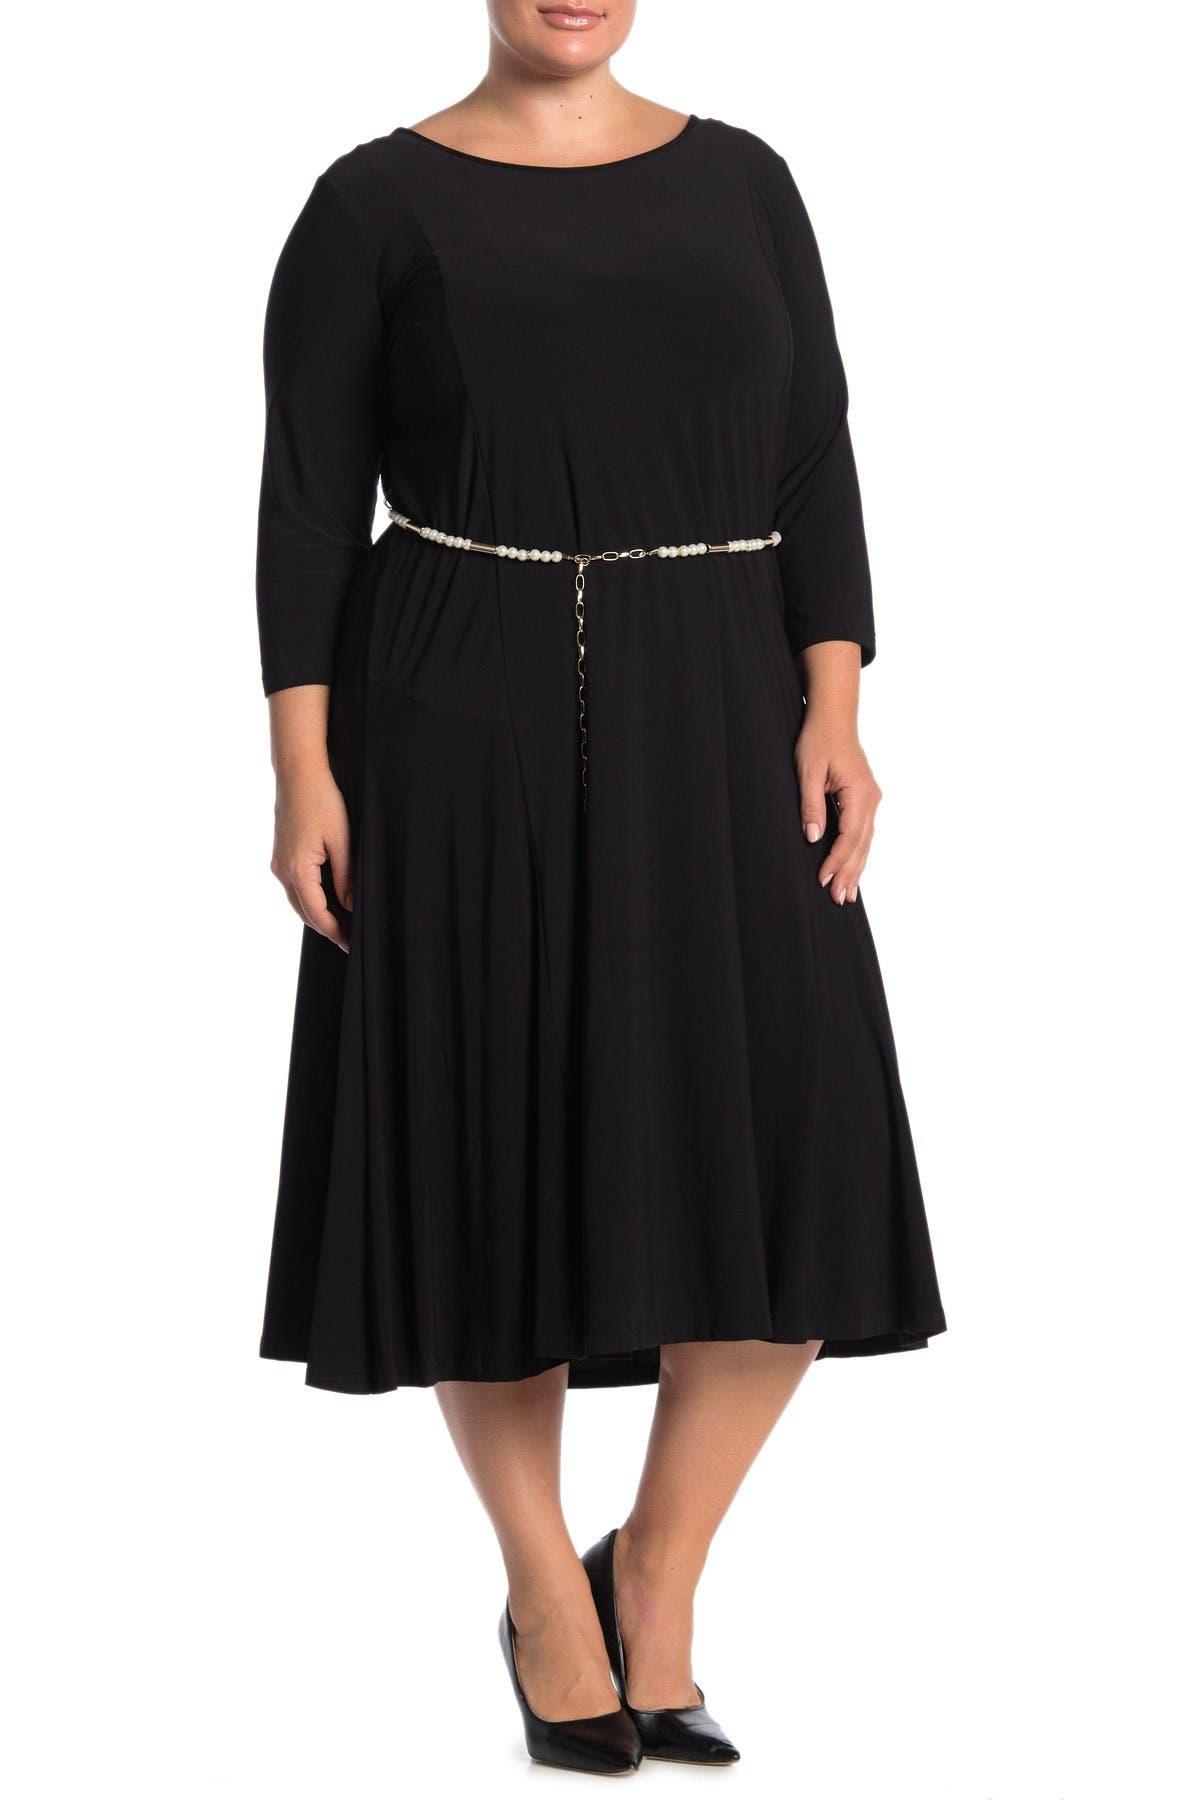 Image of Nina Leonard 3/4 Sleeve Pearl Waist Dress